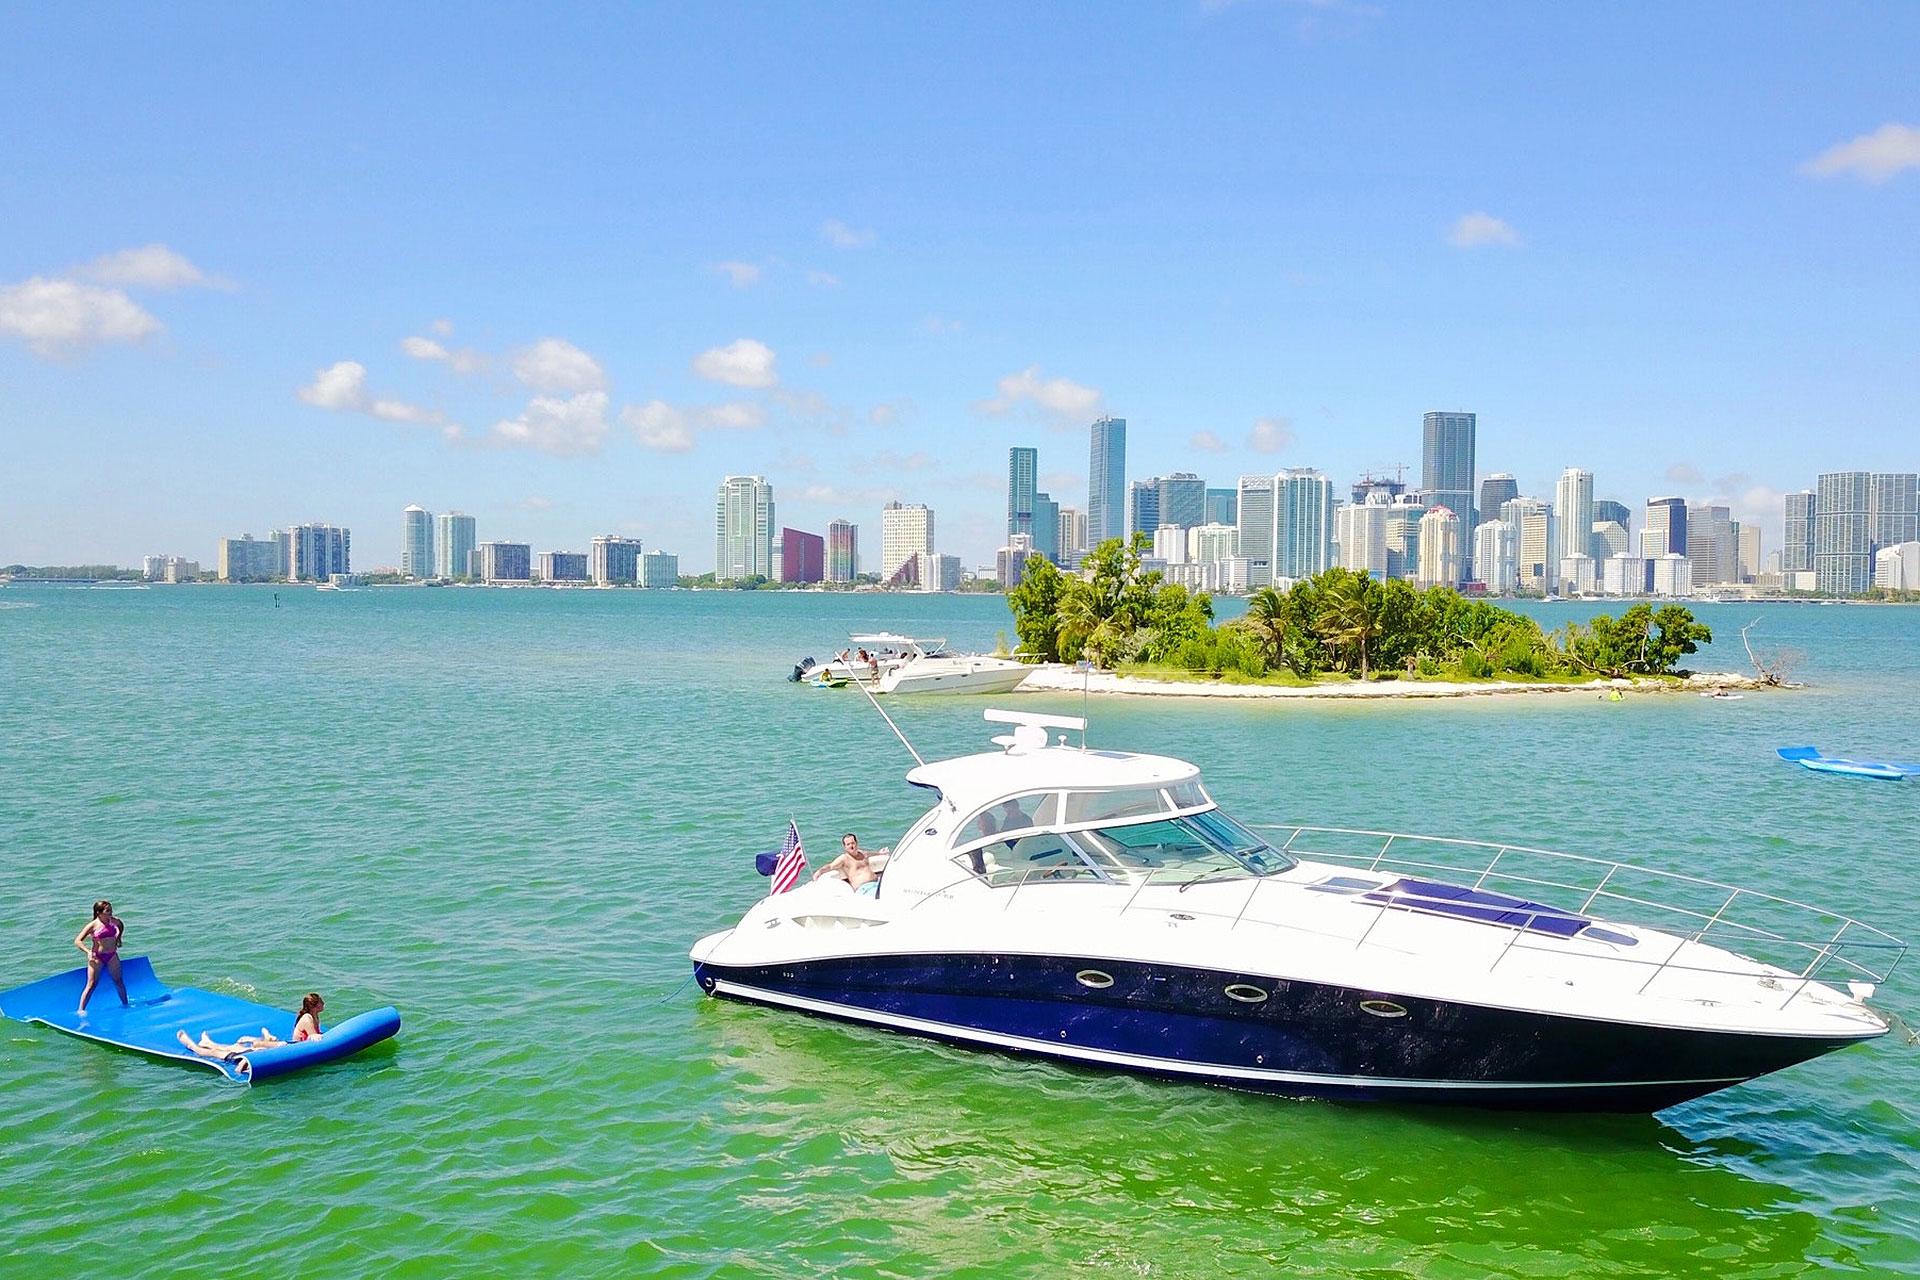 GetMyBoat Boat Rental; Courtesy of GetMyBoat